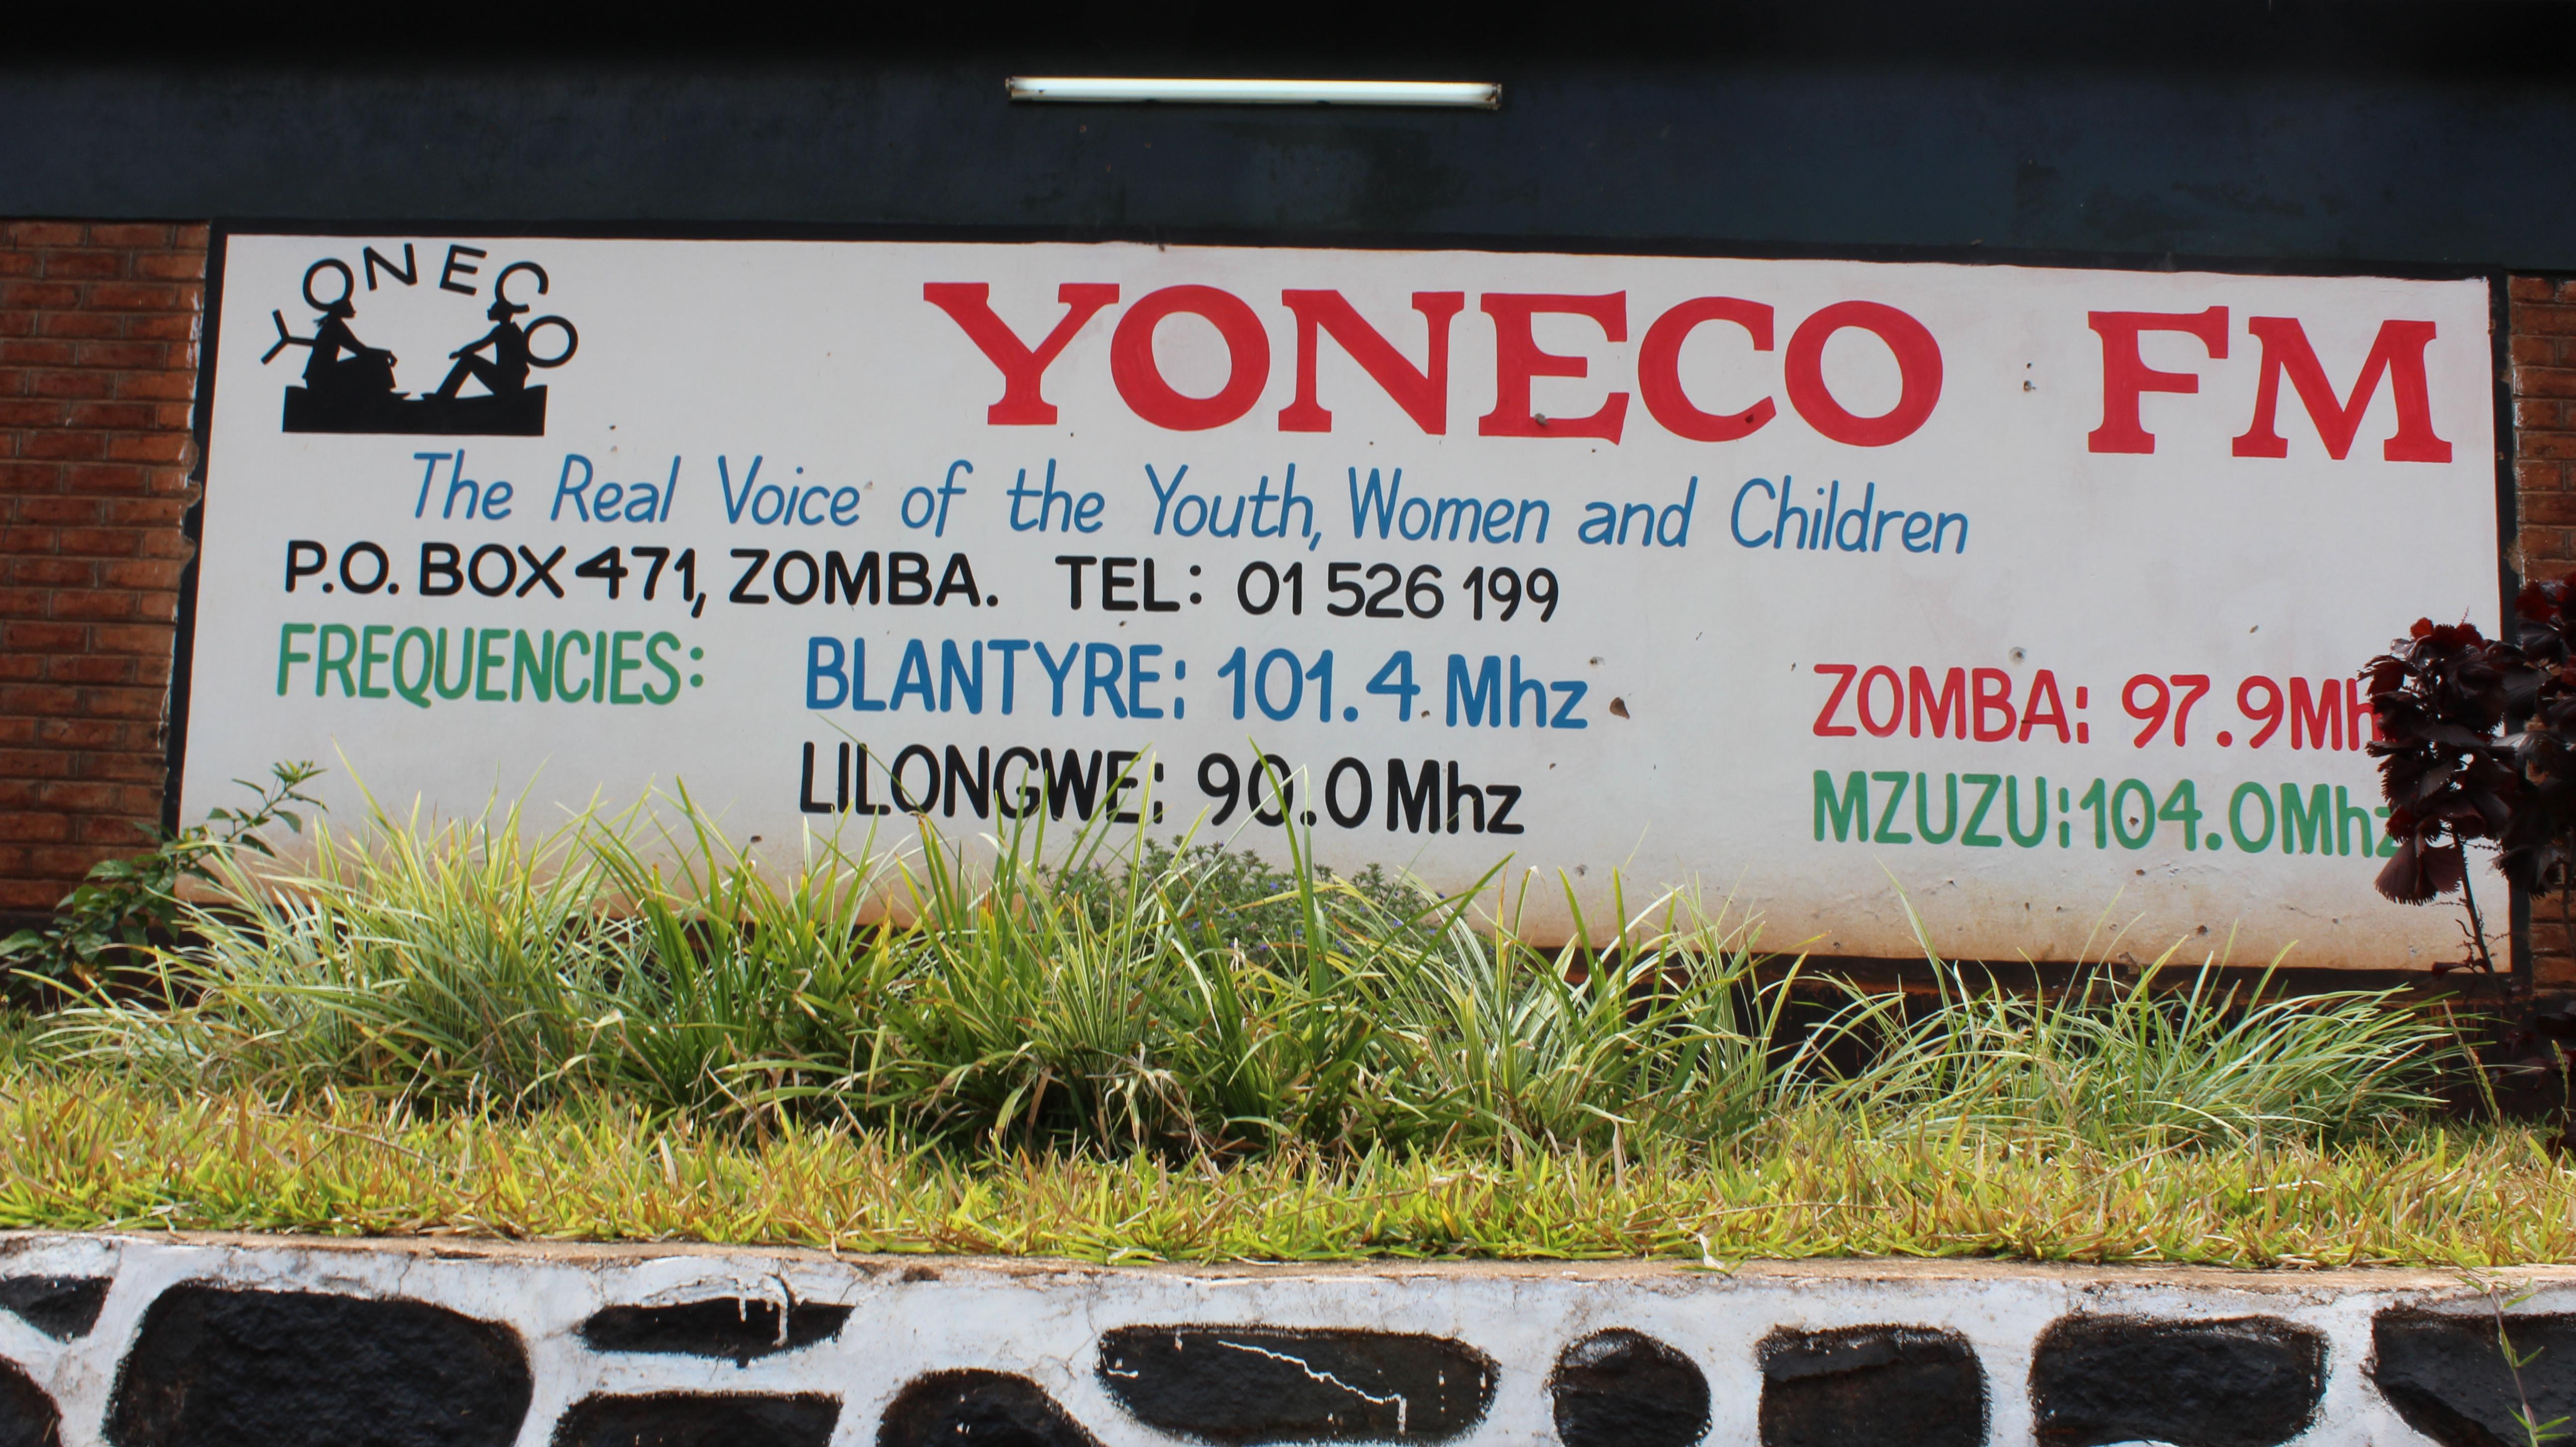 YONECO FM